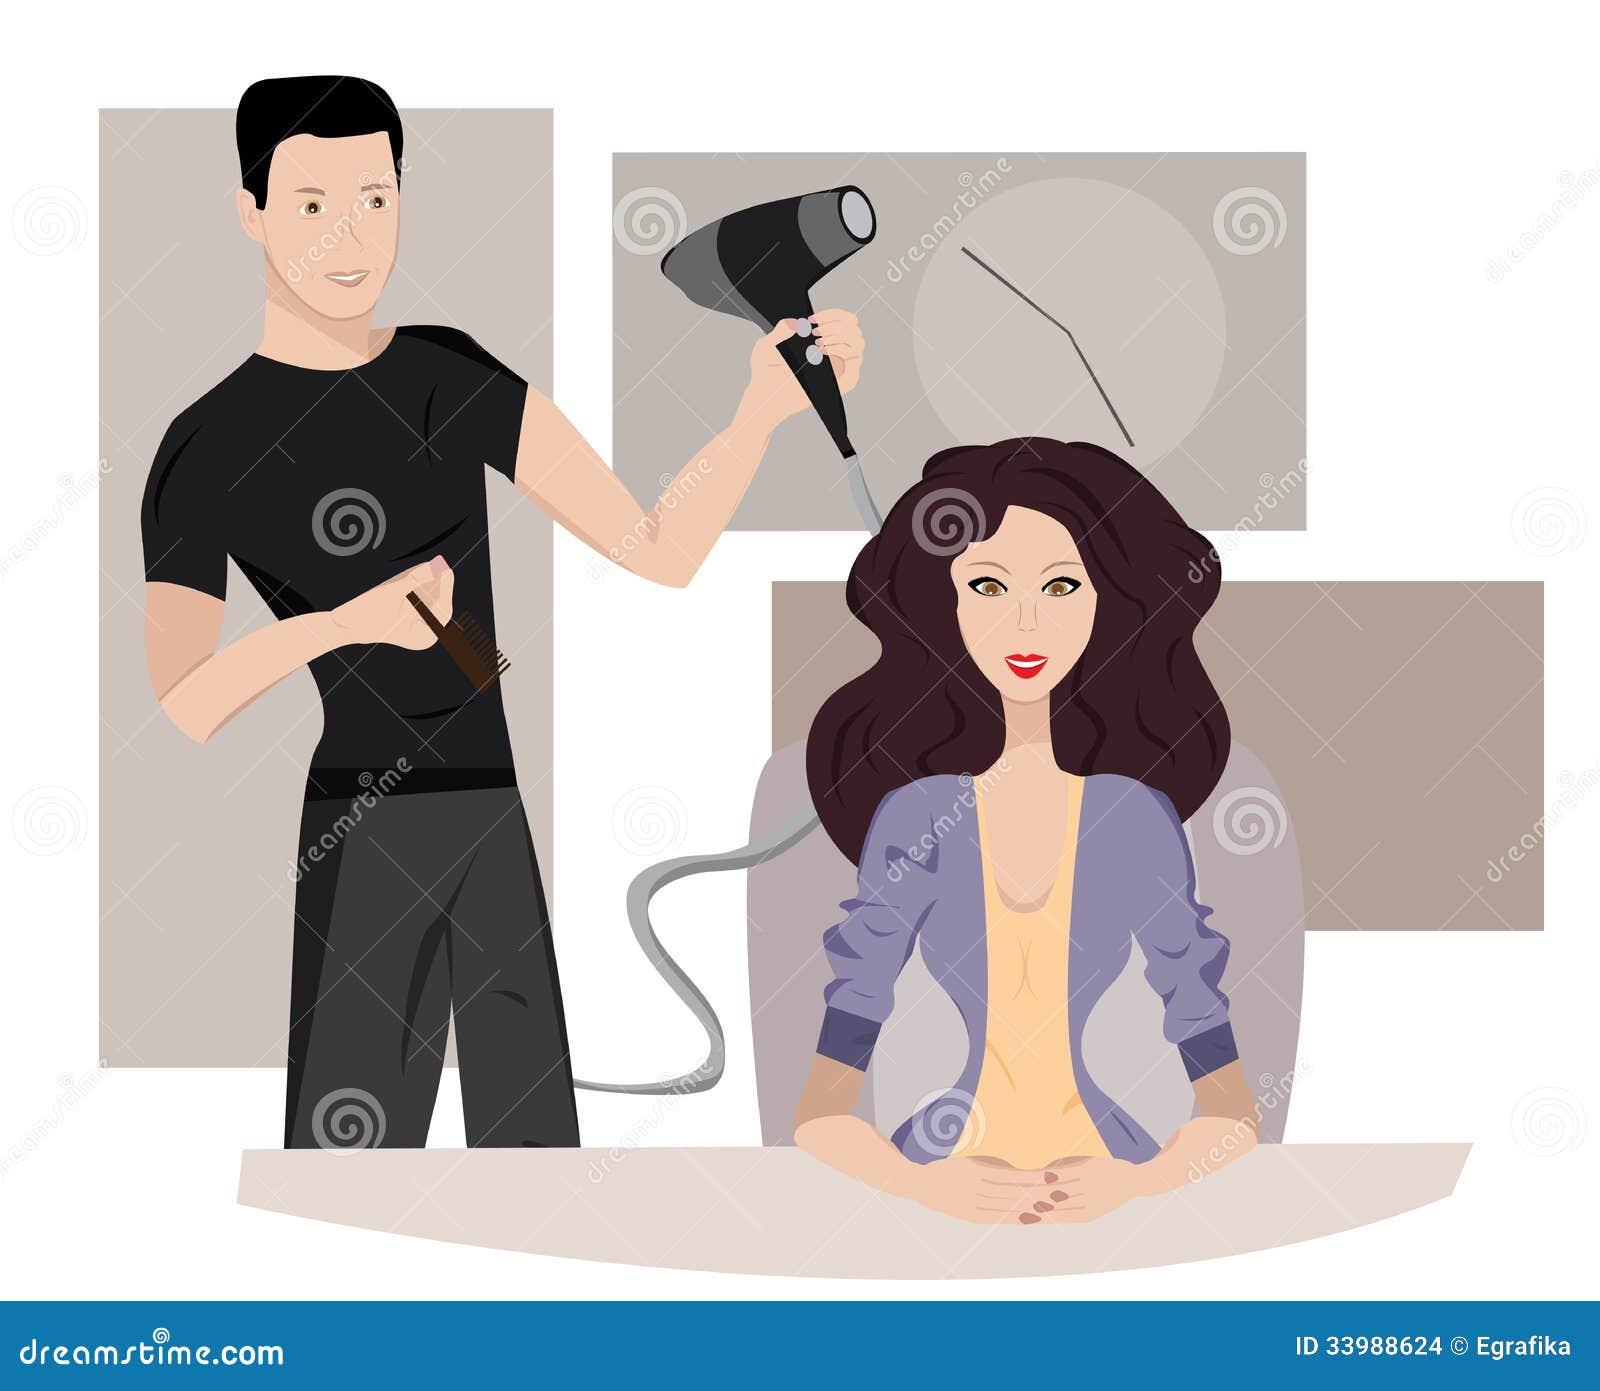 Coiffure virtuelle gratuite sans inscription femme